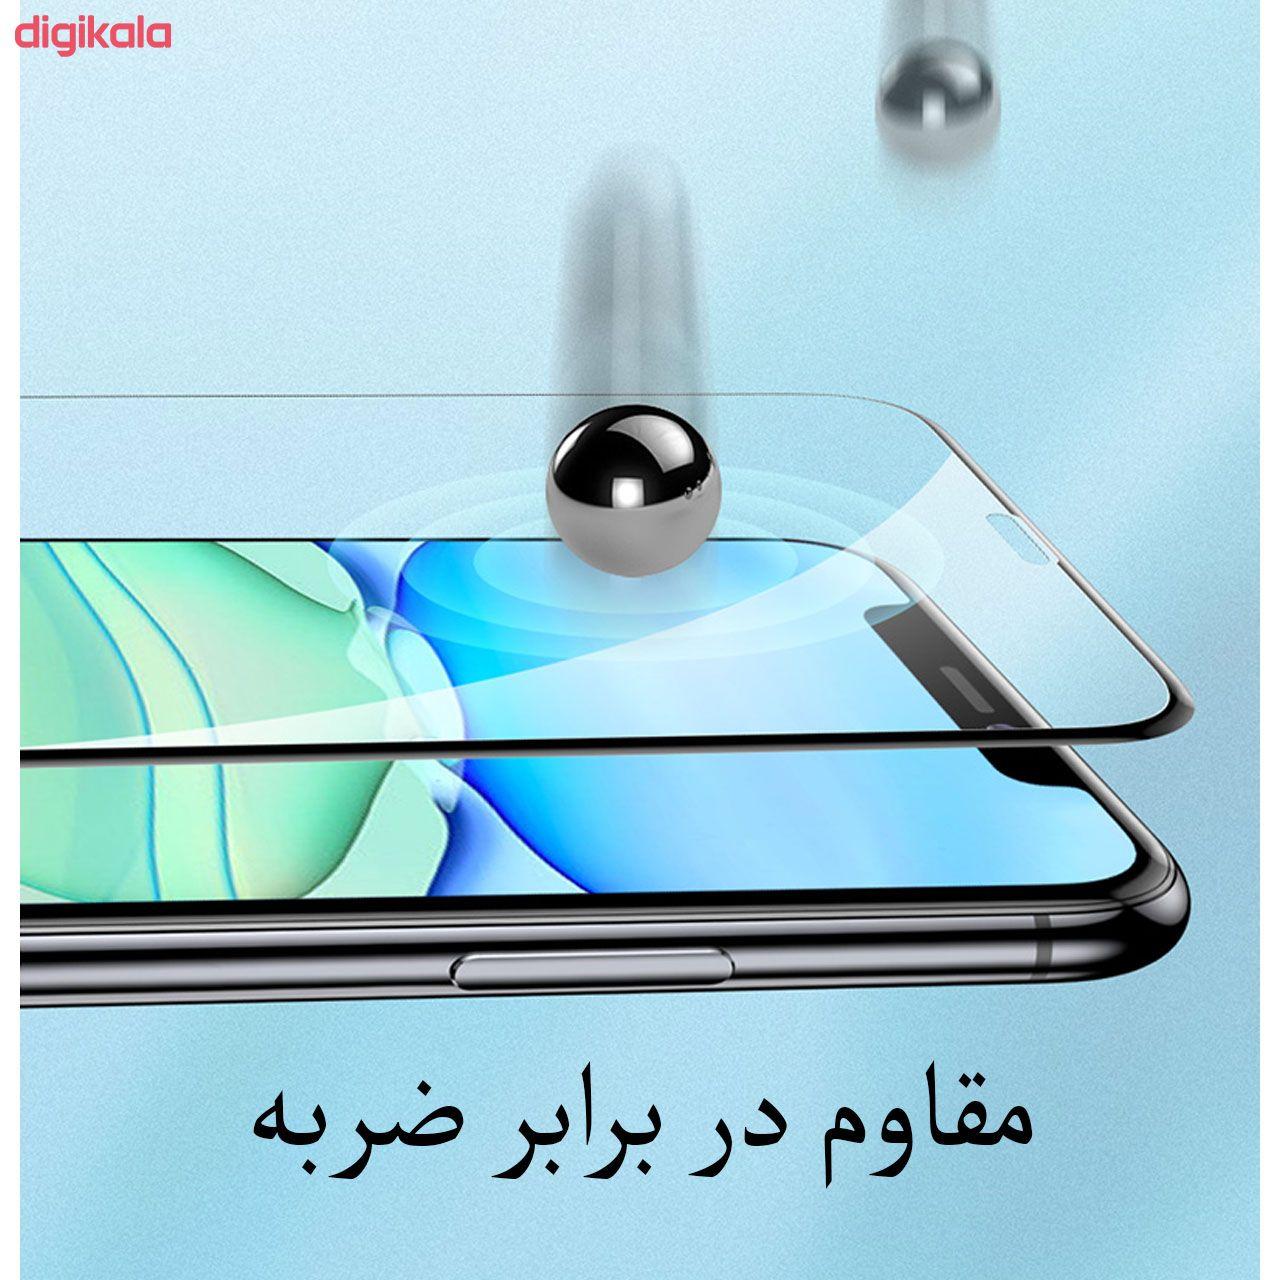 محافظ صفحه نمایش مدل FCG مناسب برای گوشی موبایل اپل iPhone X main 1 6